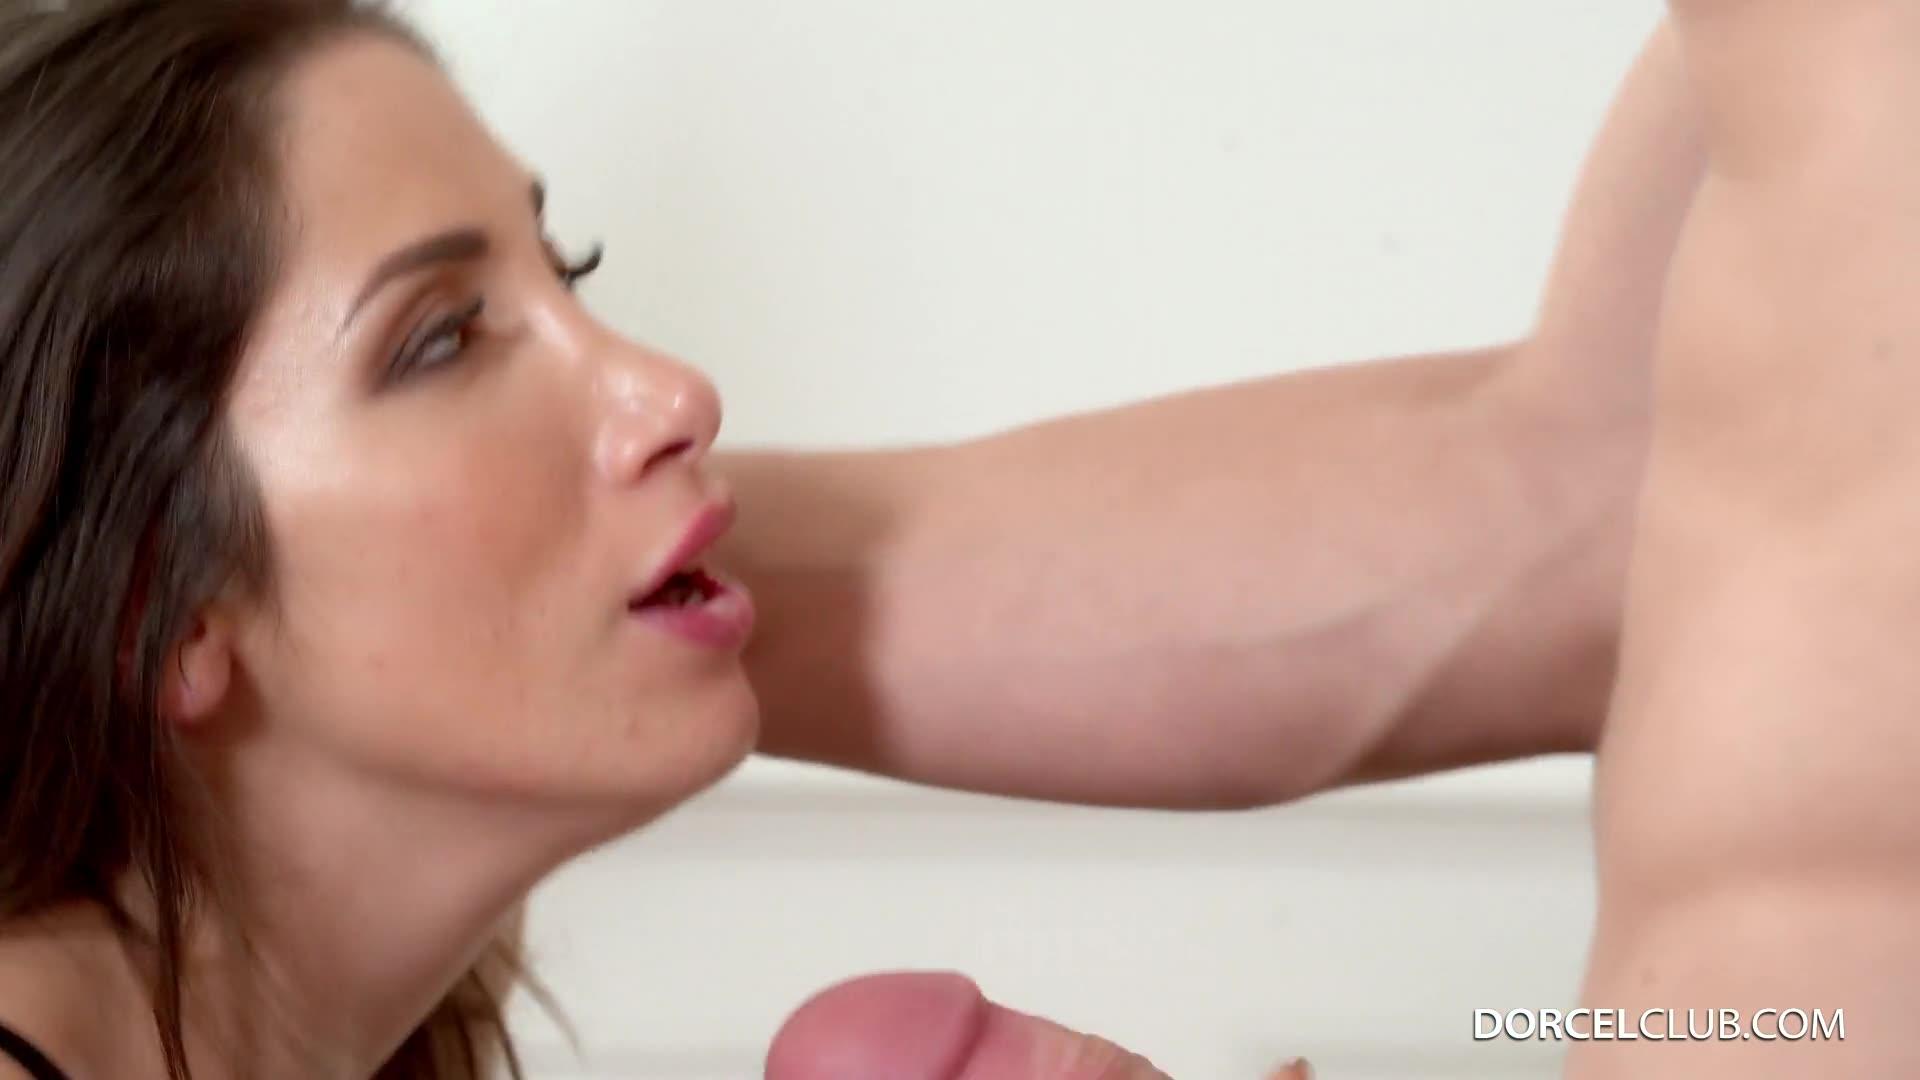 [DorcelClub / Dorcel] 3 males for Clea Gaultier - Clea Gaultier (DP)/(3M1F)